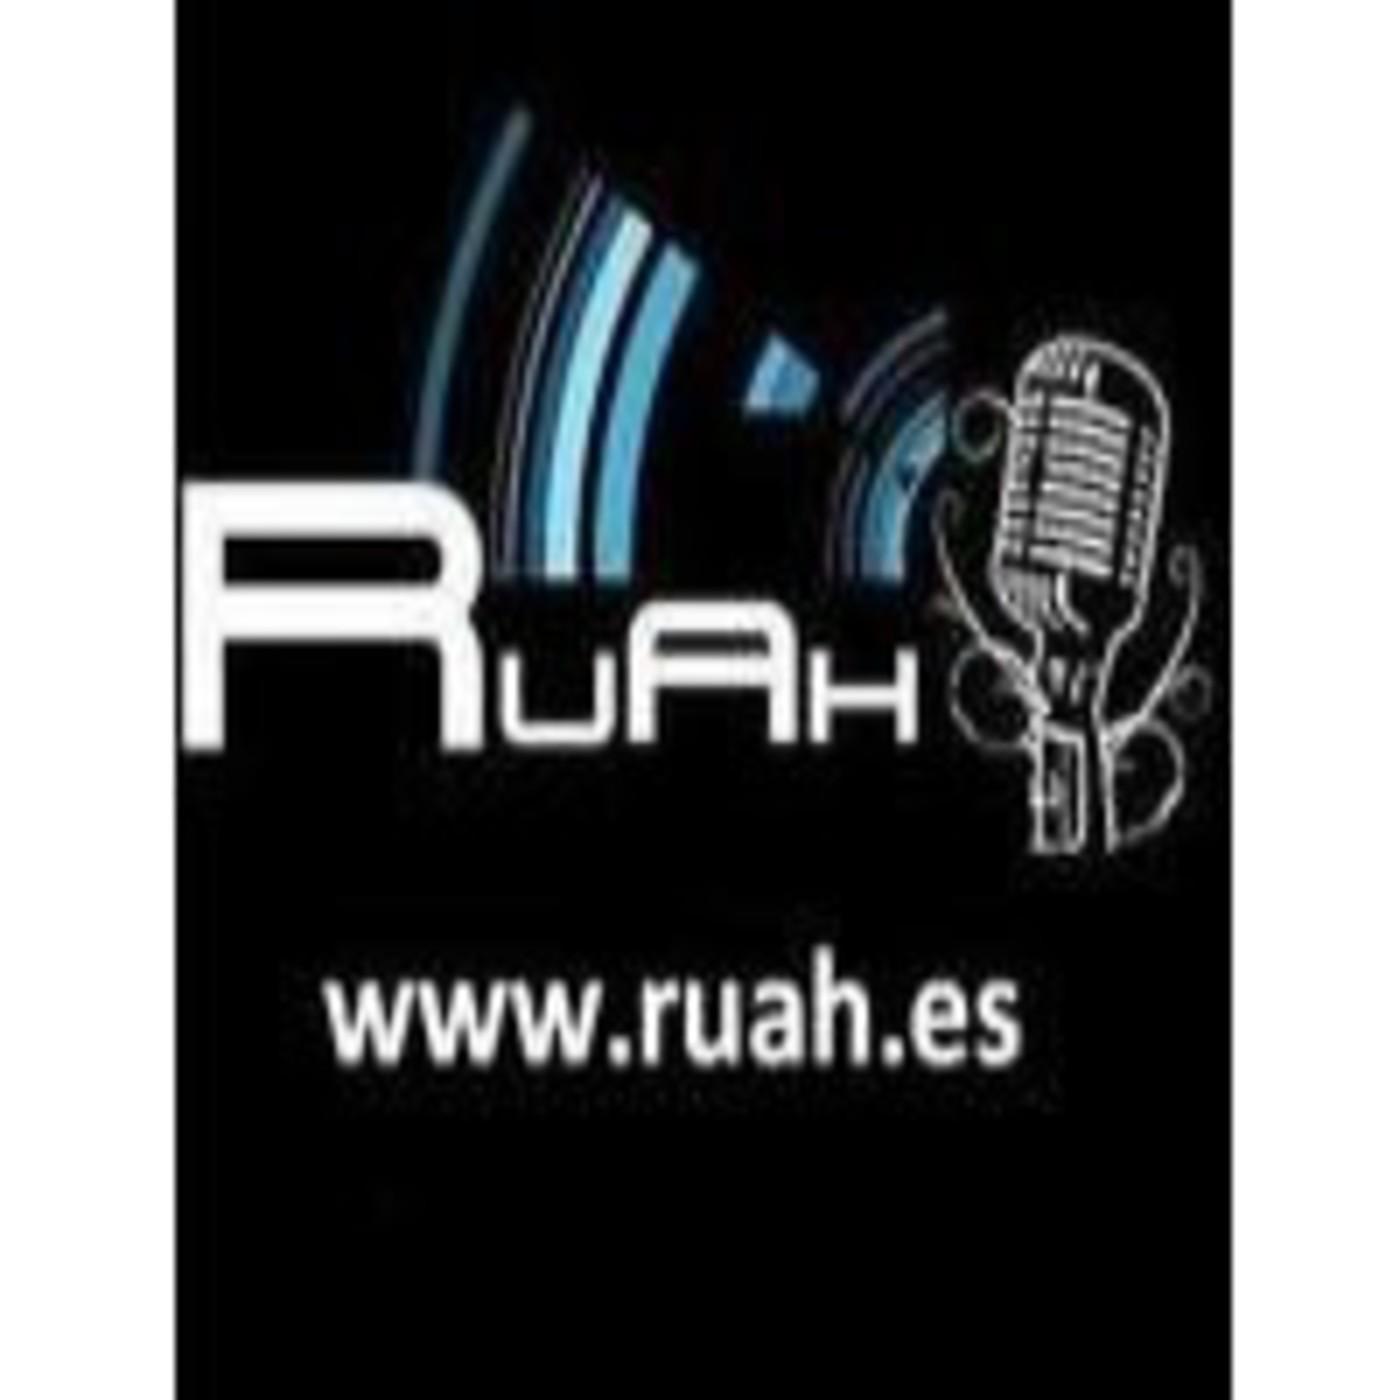 Podcast LETRA PEQUEÑA RUAH